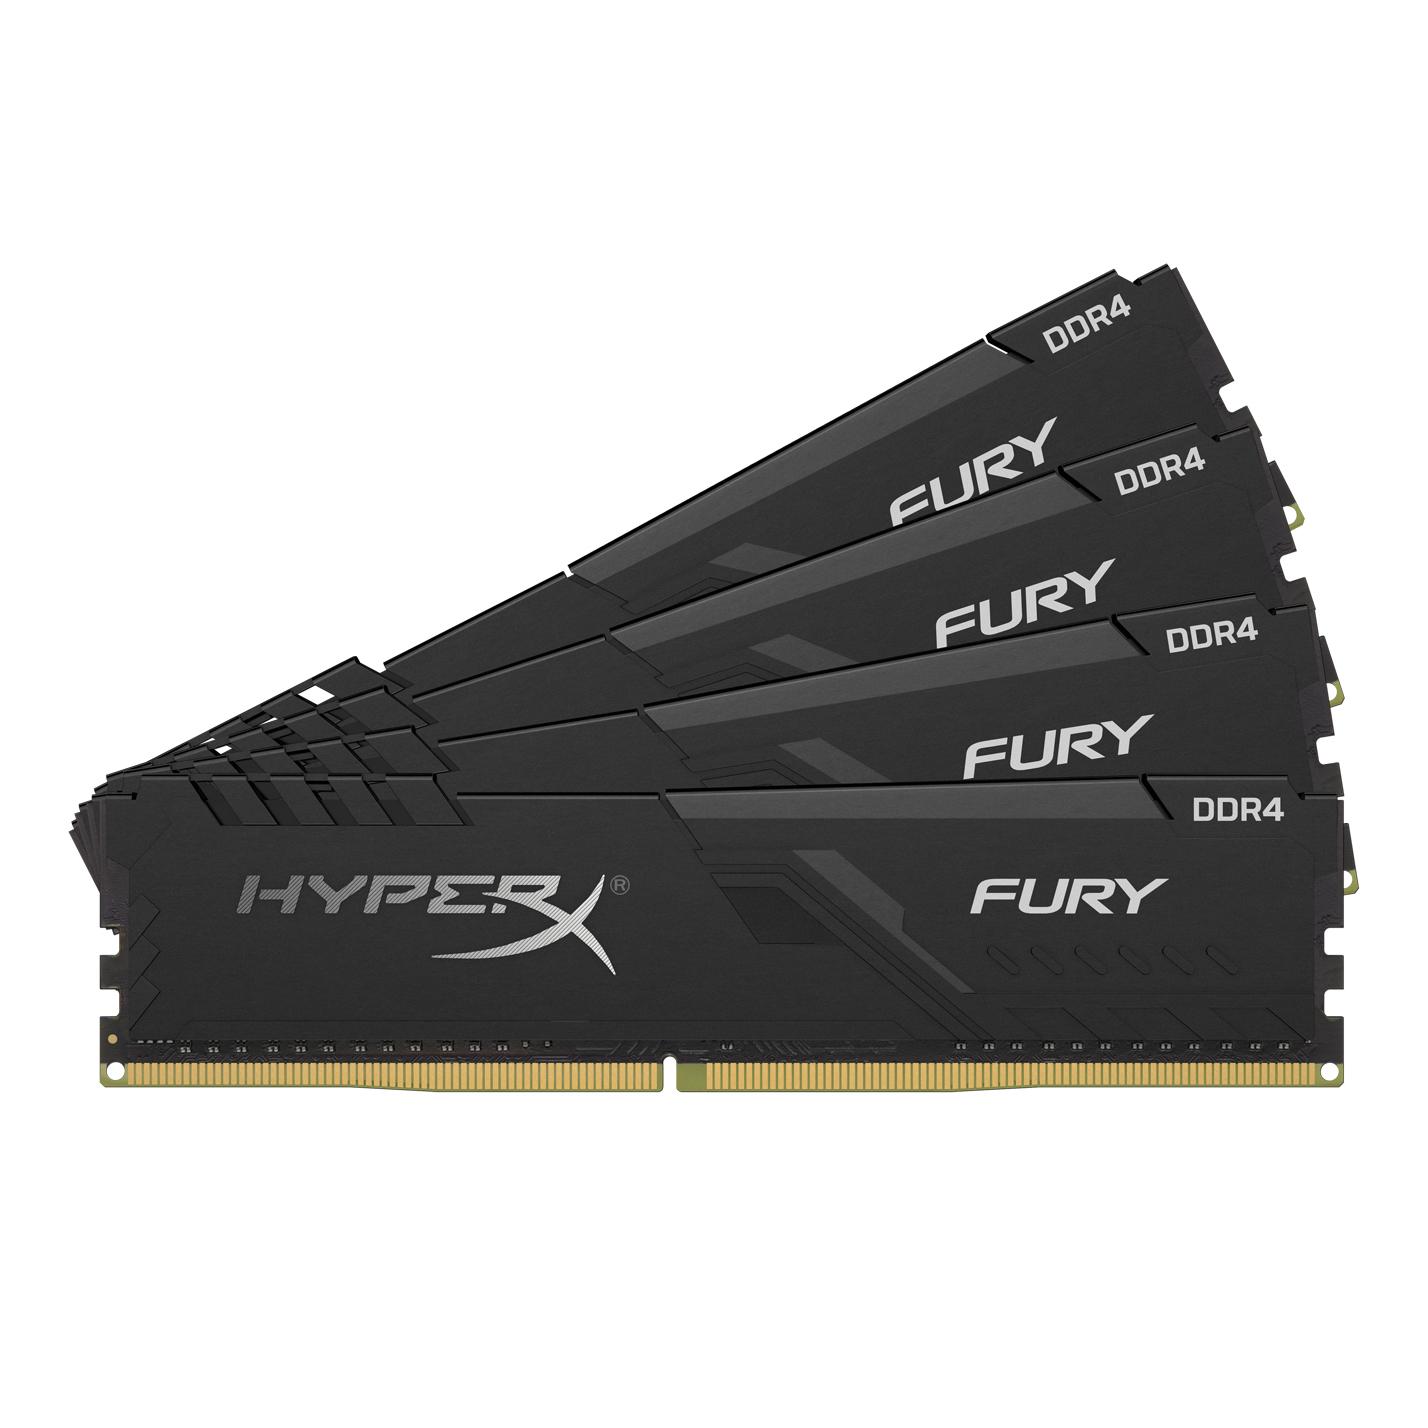 HyperX FURY HX424C15FB3K4/32 memory module 32 GB DDR4 2400 MHz